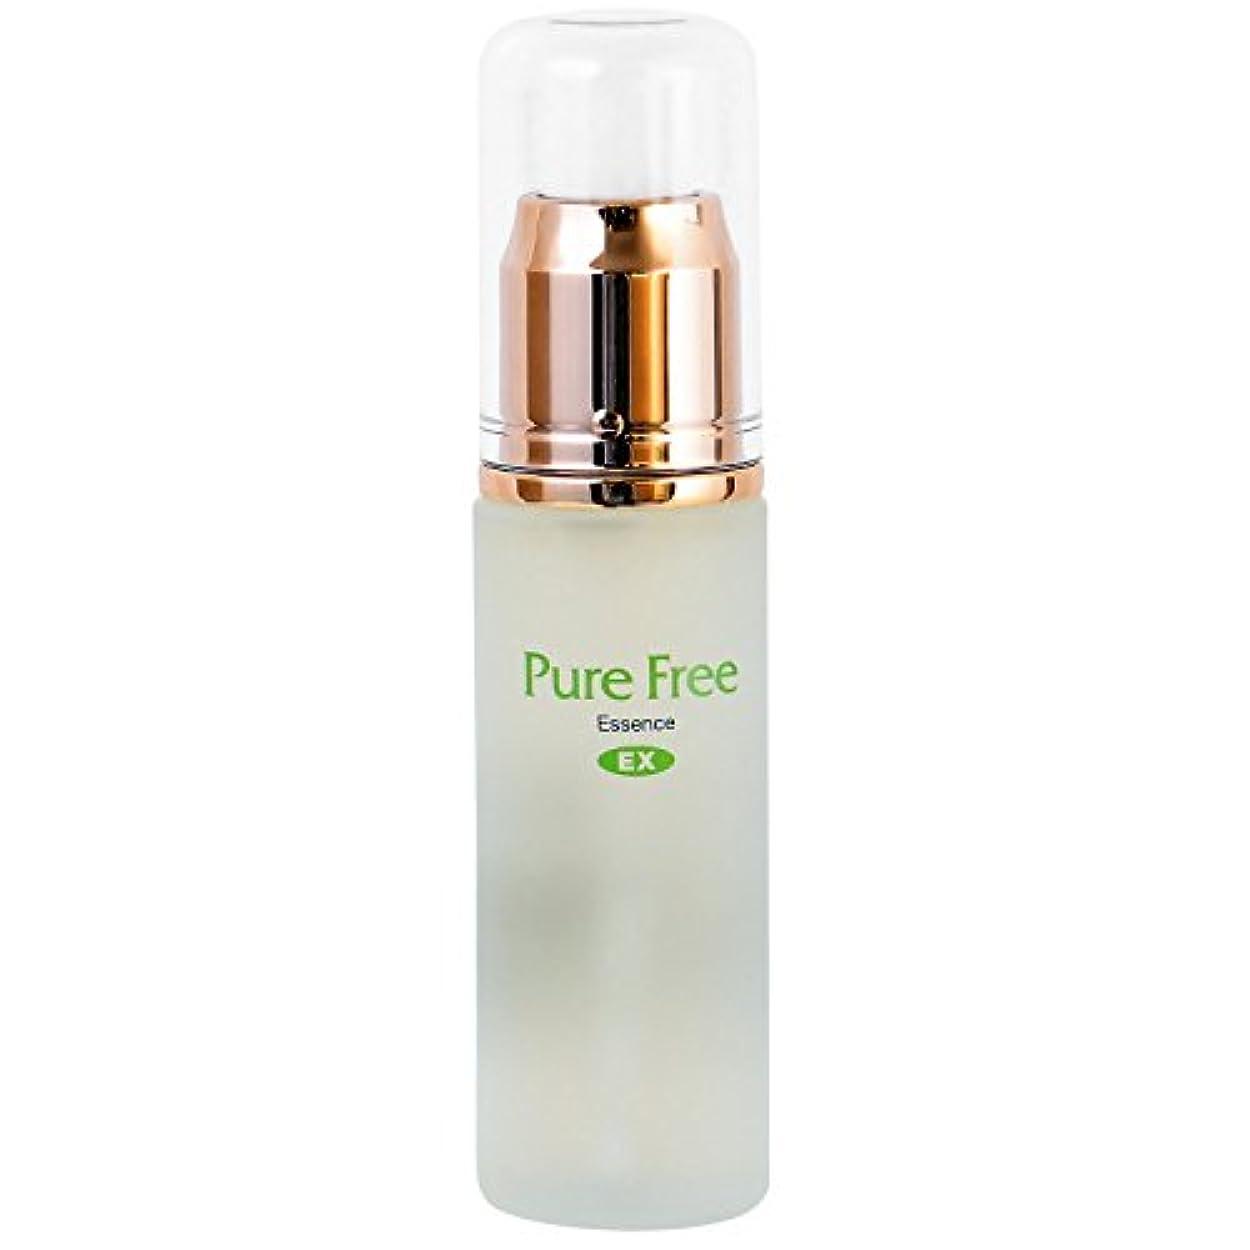 偏見克服する雑草Pure Free (ピュアフリー) エッセンスEX オーガニック 正規品 美容液 (サンプル用意あり)